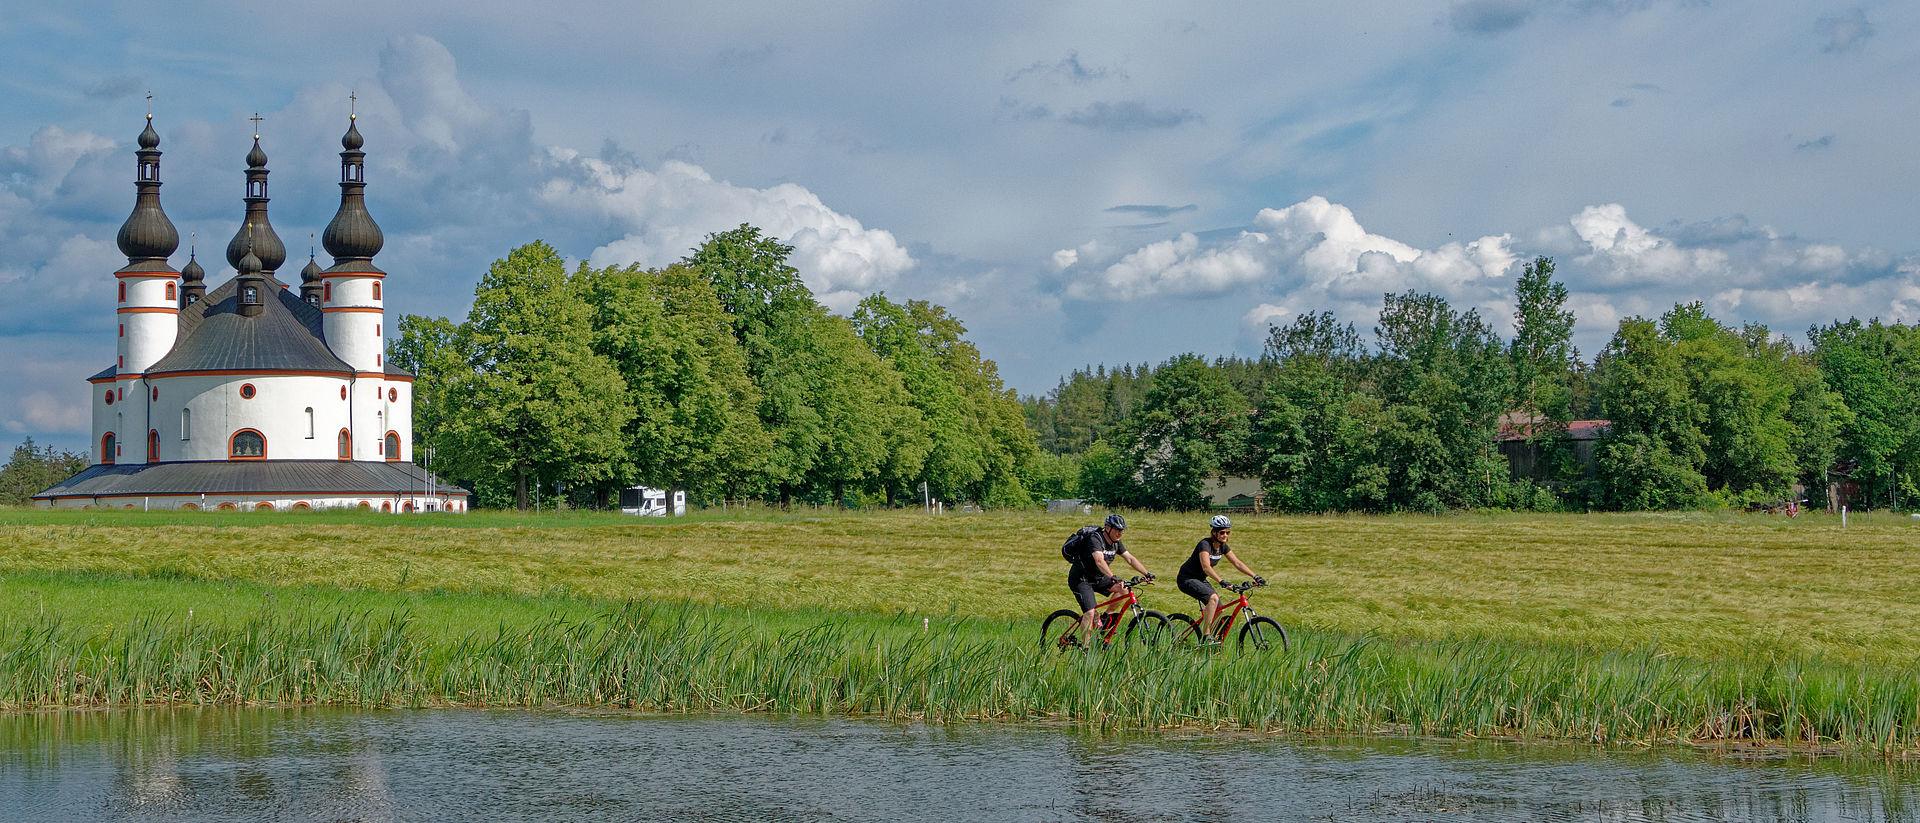 Zwei Fahrradfahrer auf einer Wiese mit Kappl im Hintergrund.